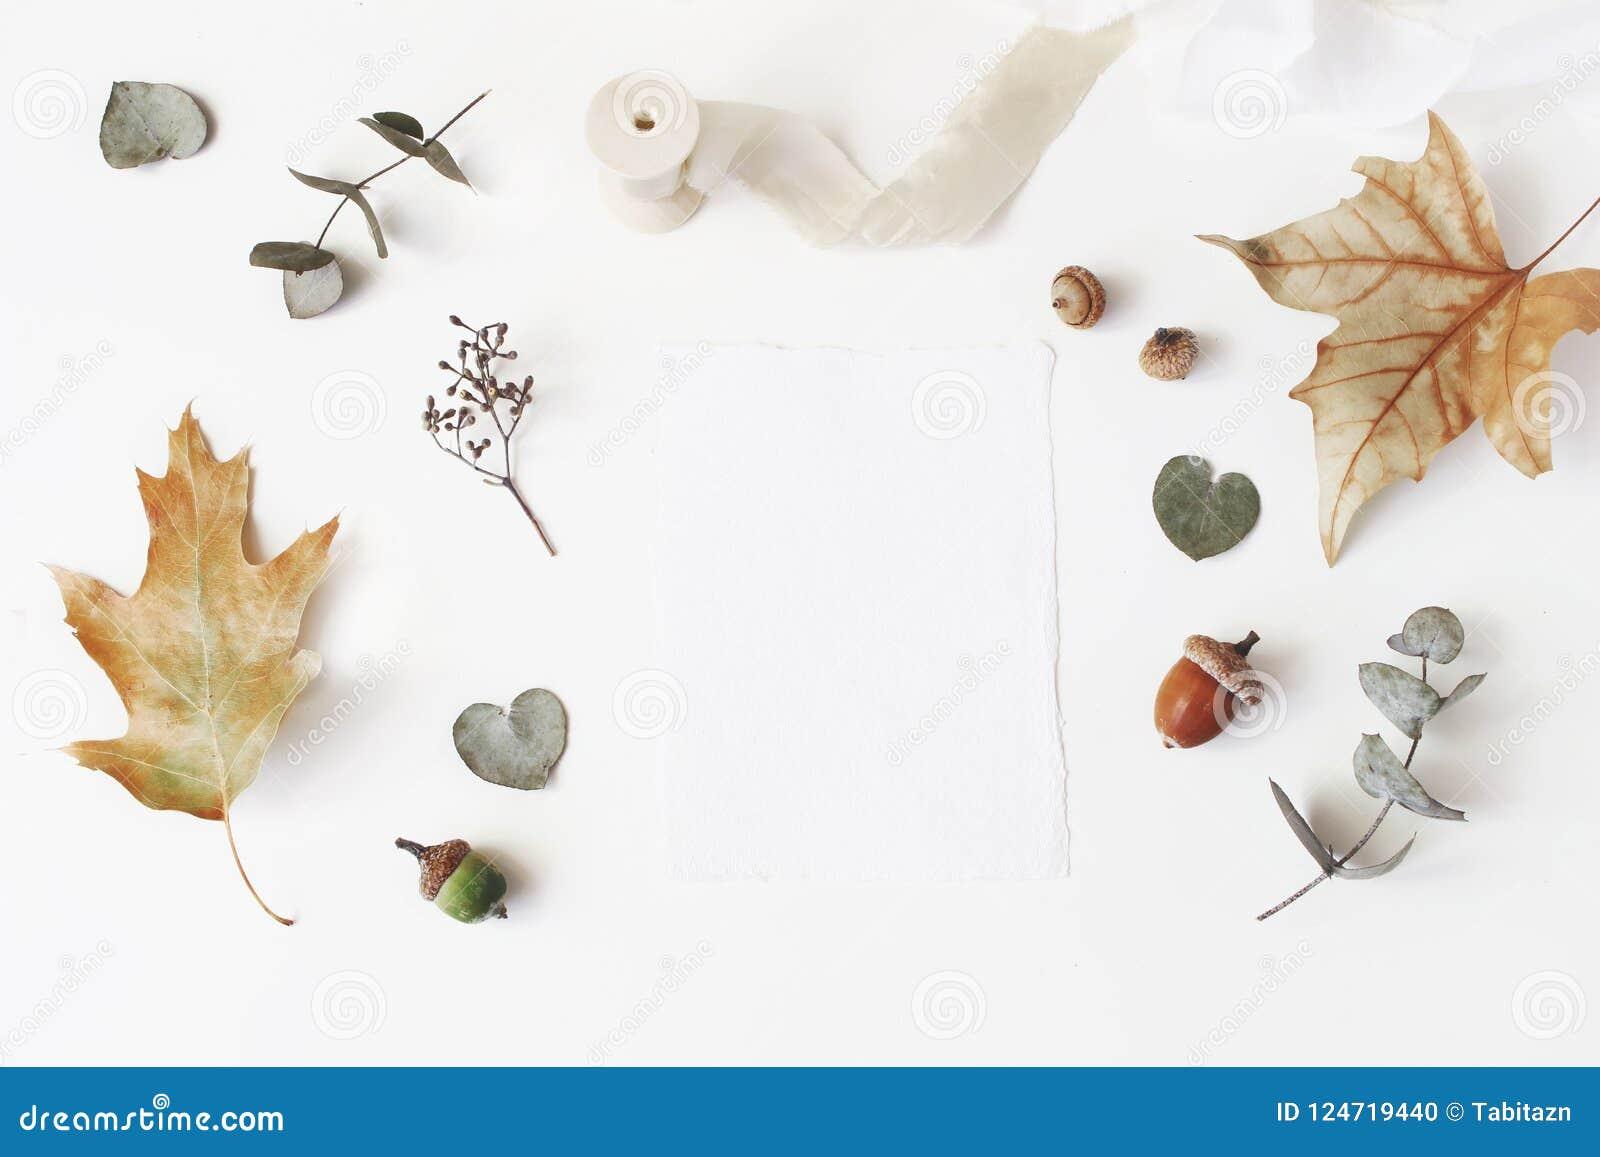 Осень ввела фото в моду запаса Женственная сцена модель-макета канцелярских принадлежностей настольного компьютера свадьбы с пуст